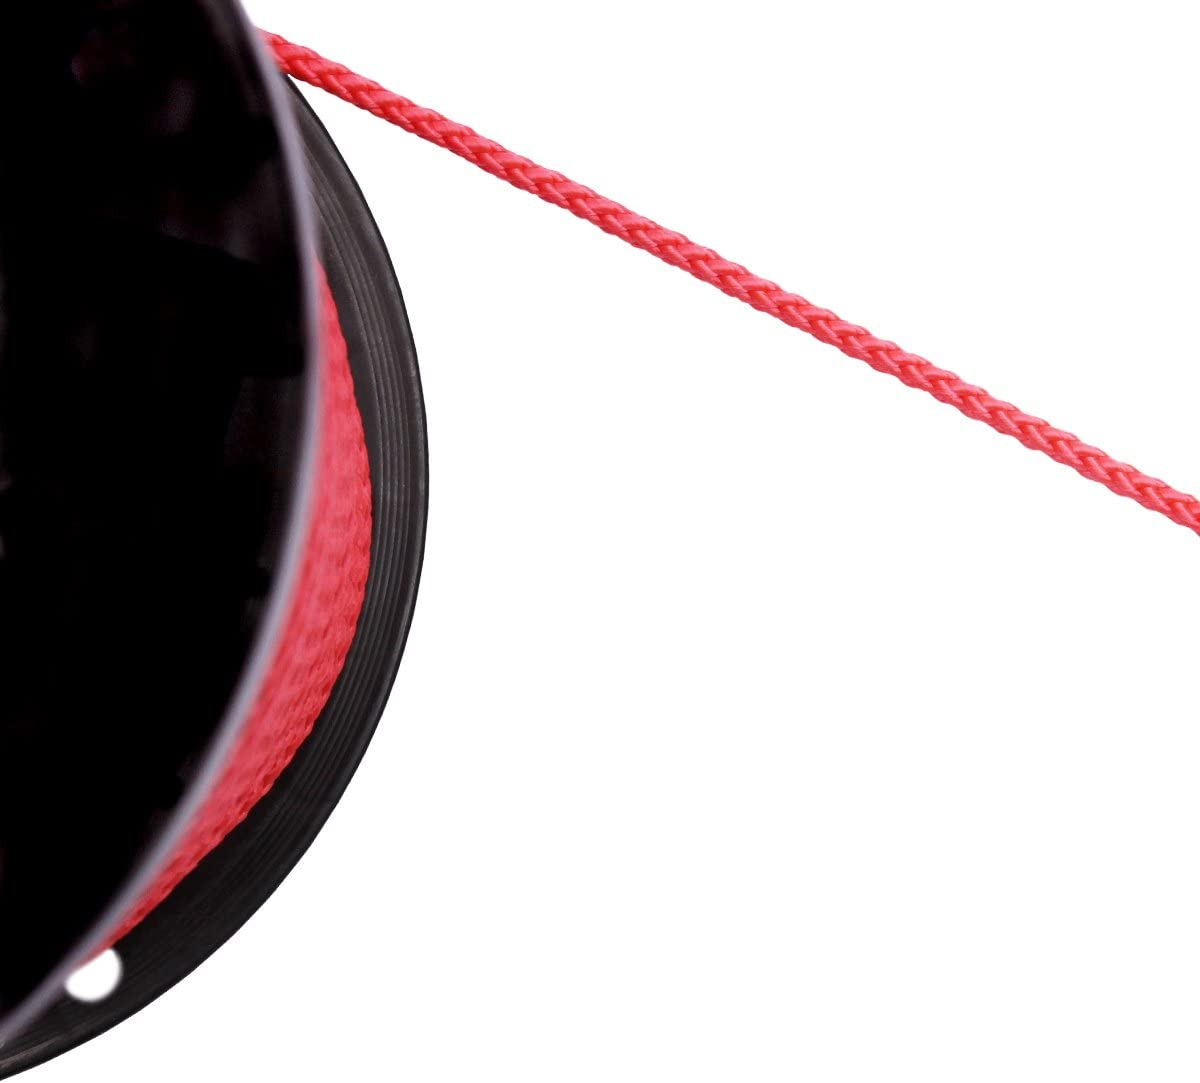 Kordel Schnur Zier Band Seil Leine rund geflochten 6 mm Meterware Hoodie PP Farbe blau